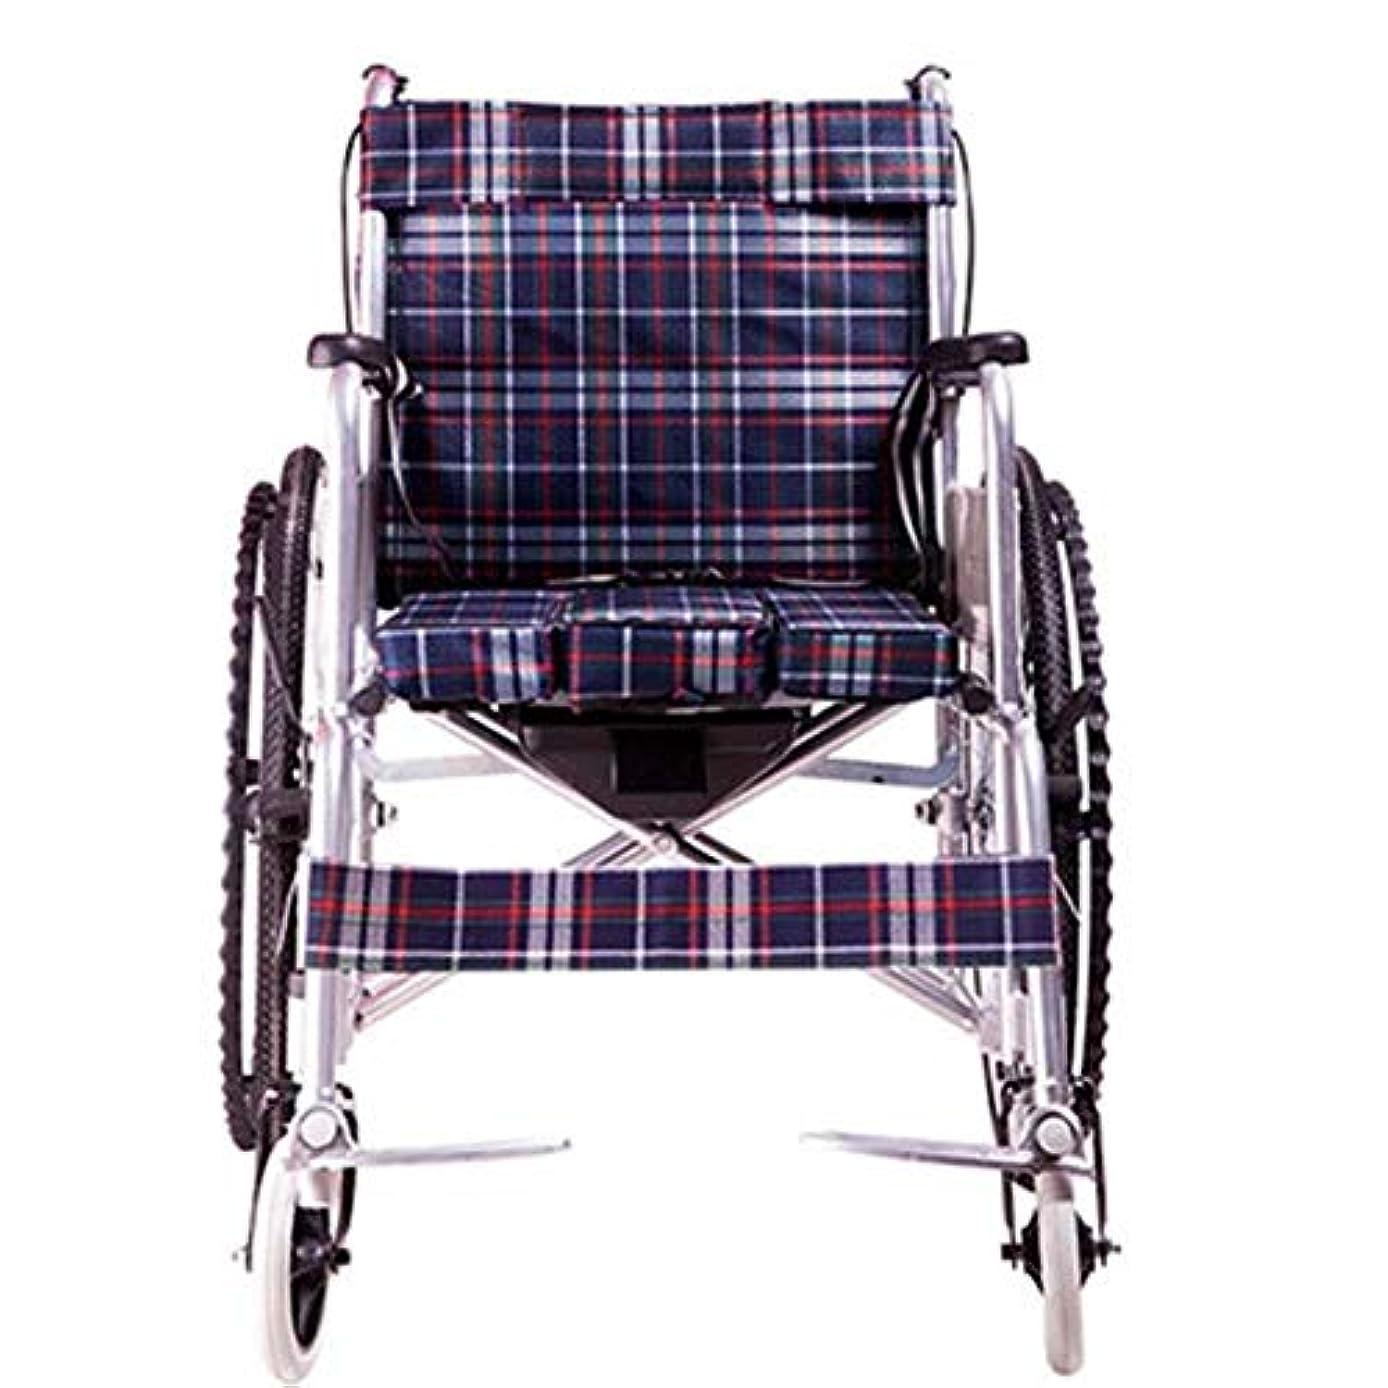 ディレクトリ真夜中ドラマハンドブレーキとクイックリリースリアホイールを備えた軽量アルミニウム折りたたみ式セルフプロペール車椅子 (Color : Oxford cloth)